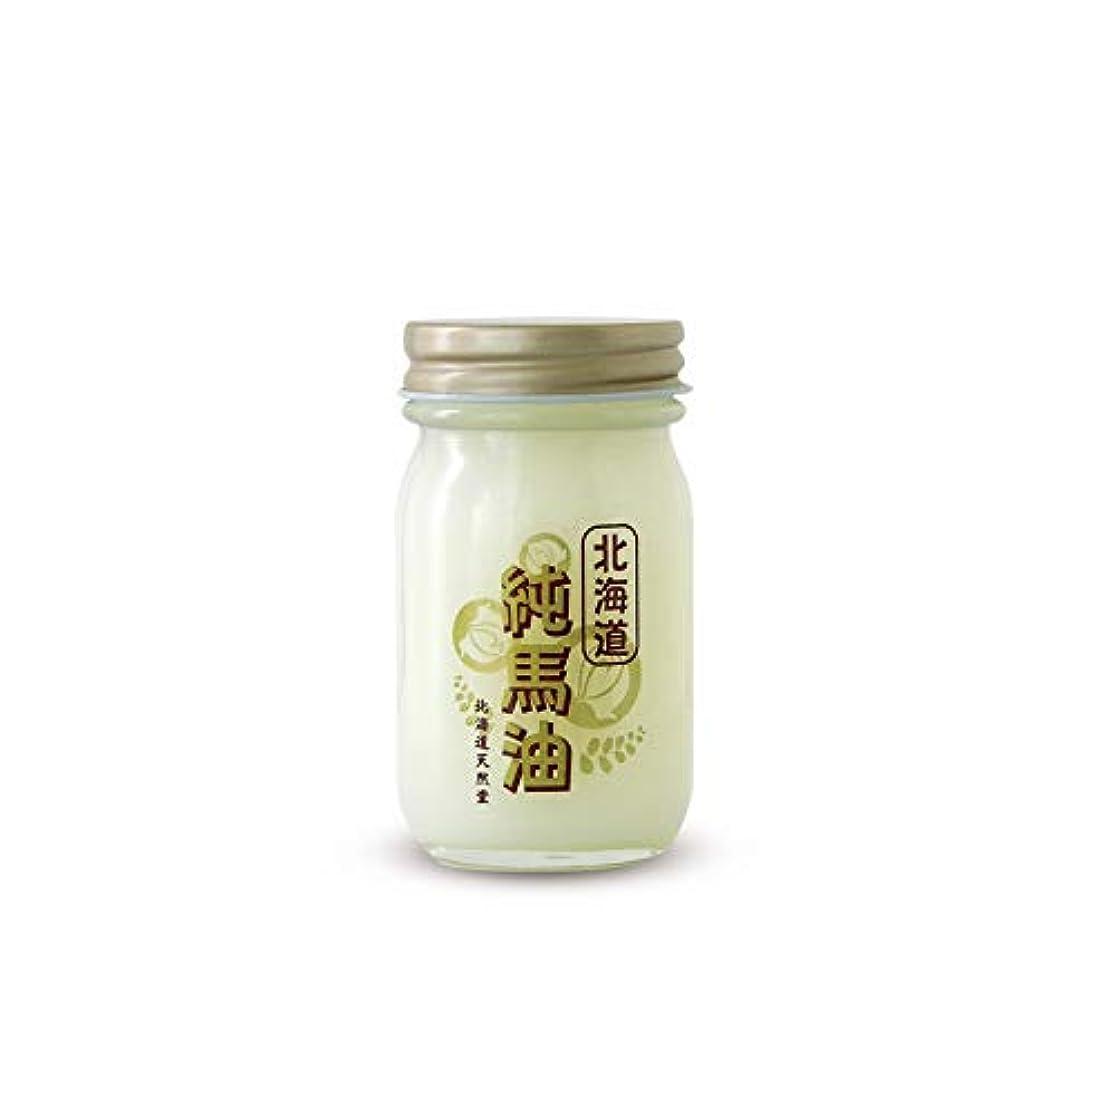 防止オーバーラン死すべき純馬油 70ml 【国内限定】/ 北海道天然堂